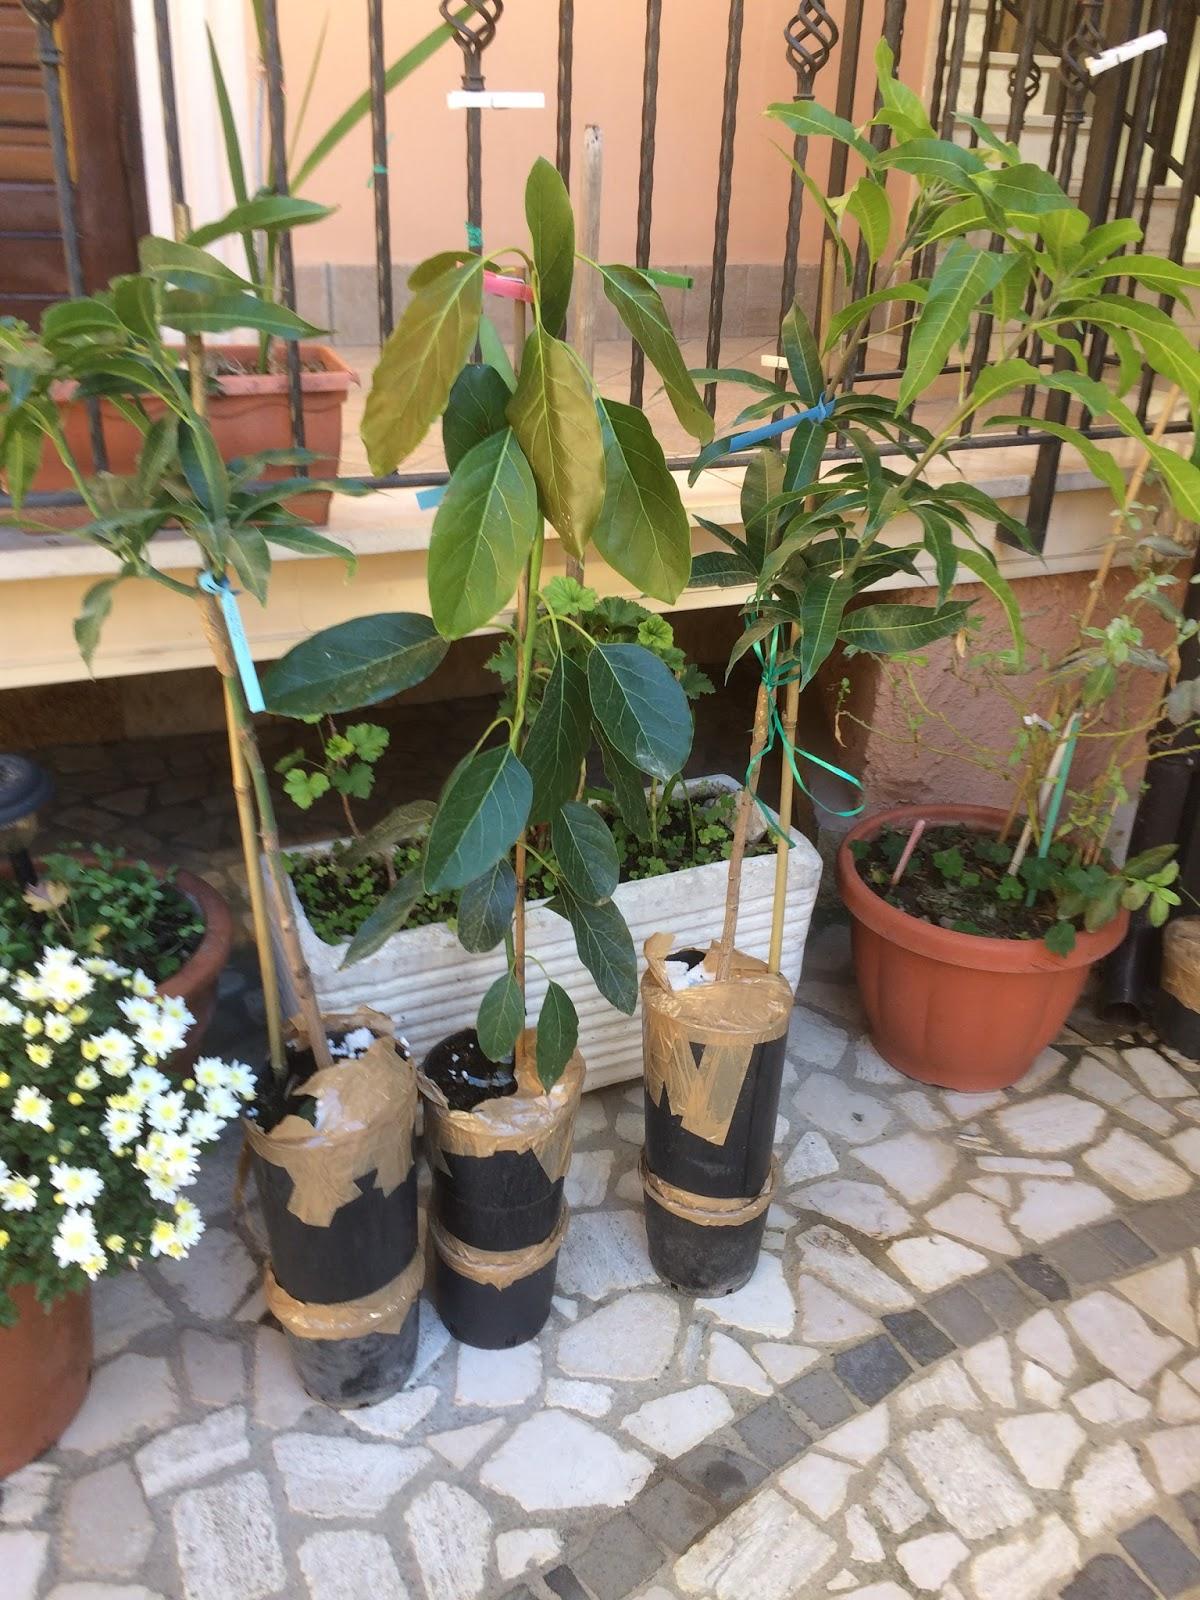 Impianto di mango kensington pride a casoria napoli for Avocado coltivazione